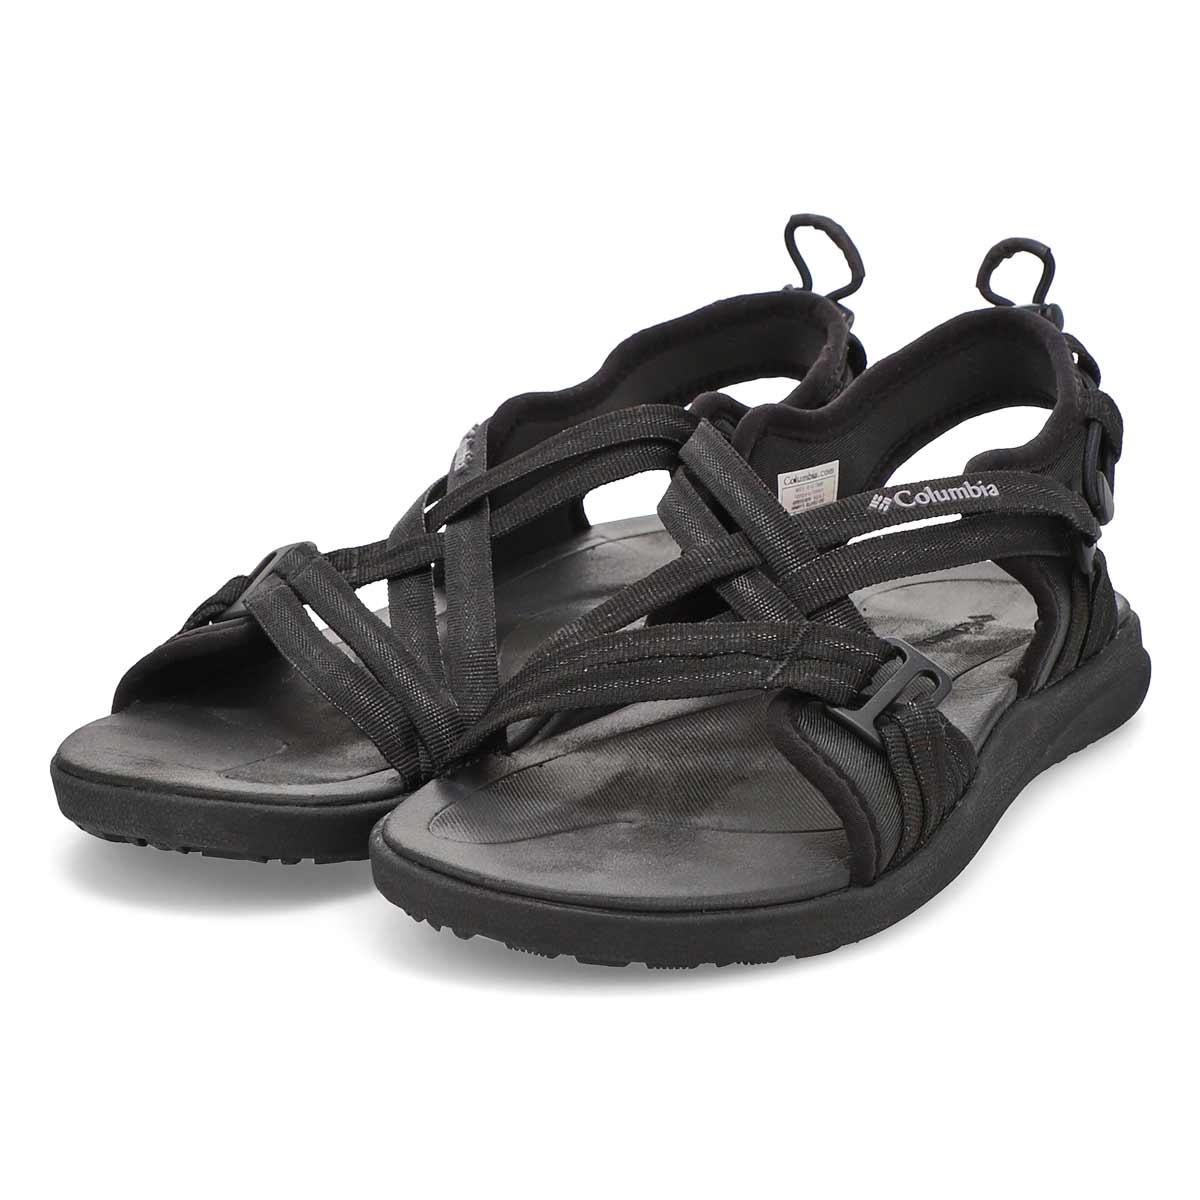 Sandales sport COLUMBIA SANDAL, noir/gris, femmes